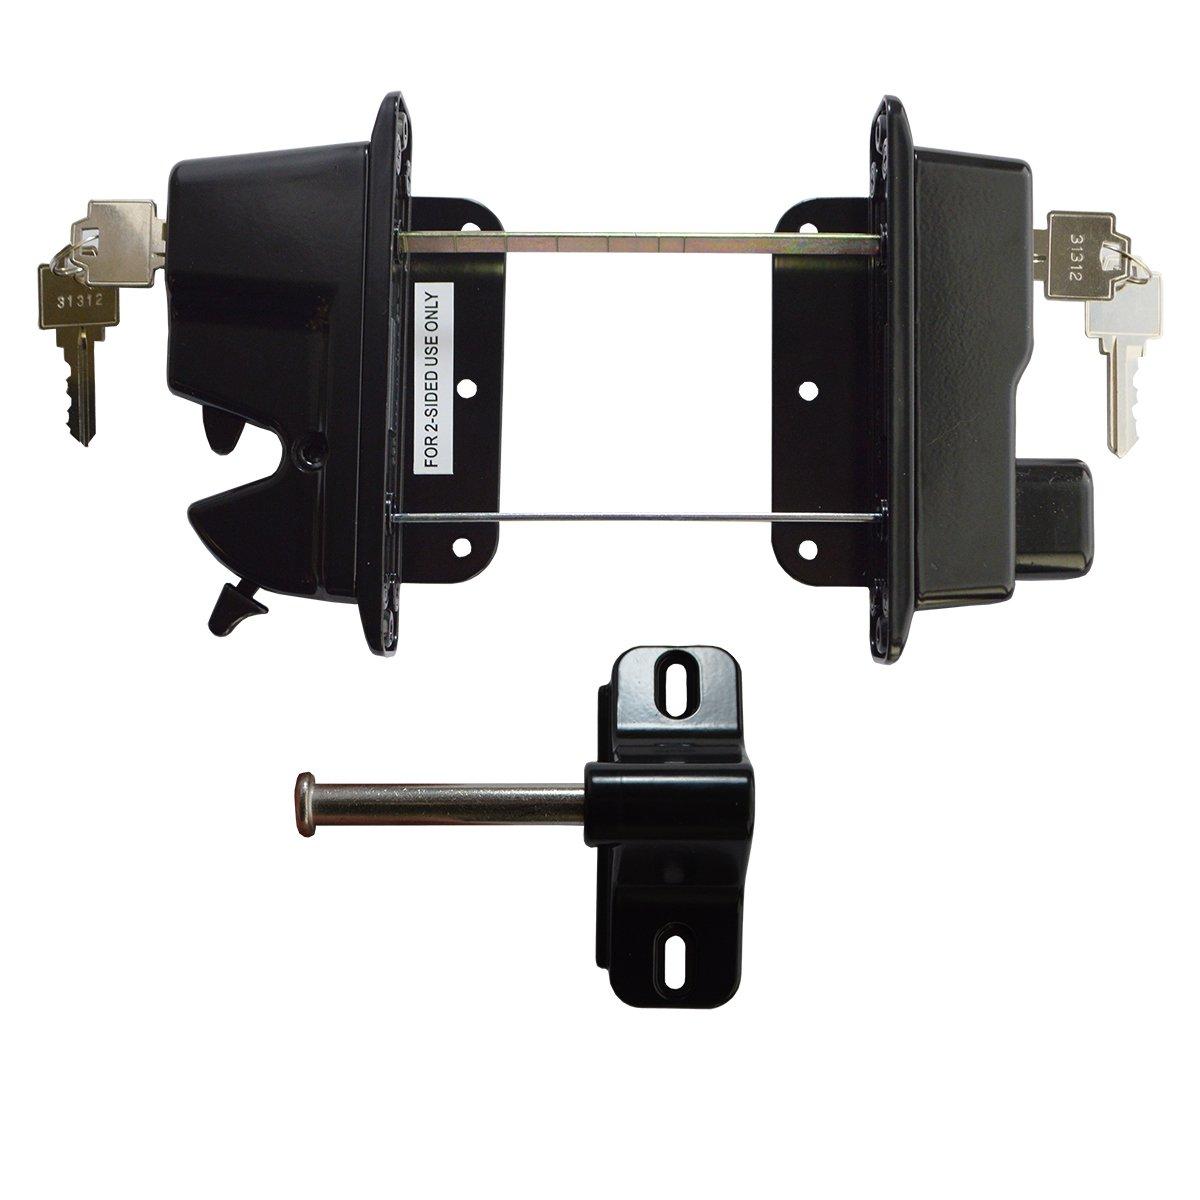 キーストーン ブラック 亜鉛 ダイキャスト メタル キーロック式 ラッチ| 両面 | キーアライク| KLADV-M2-BK-KA B01K7YIMMQ